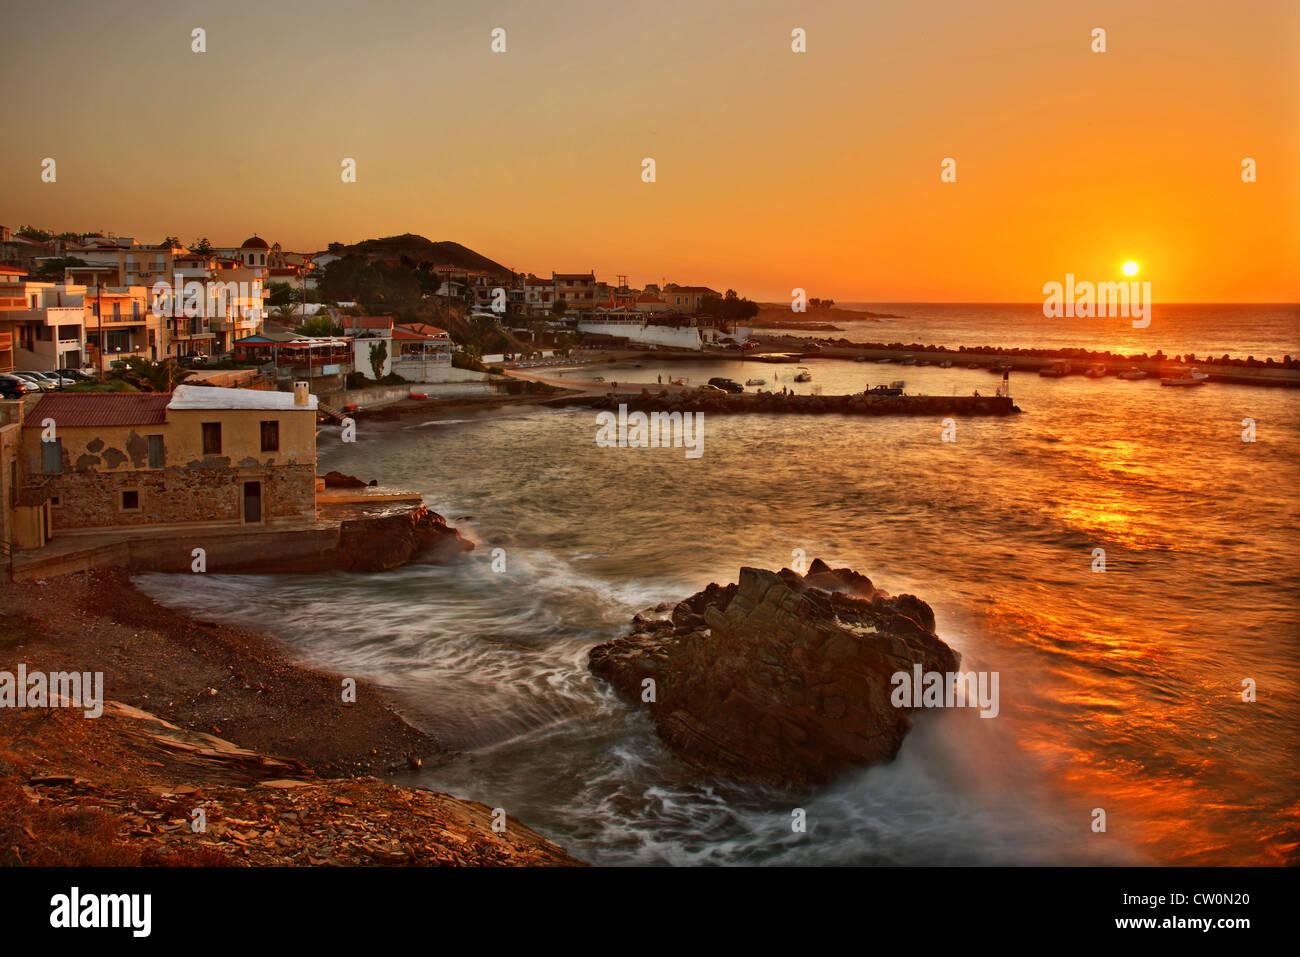 Coucher du soleil à Pamormos village, station touristique populaire, à la préfecture de Rethymnon, Crète, Grèce Banque D'Images